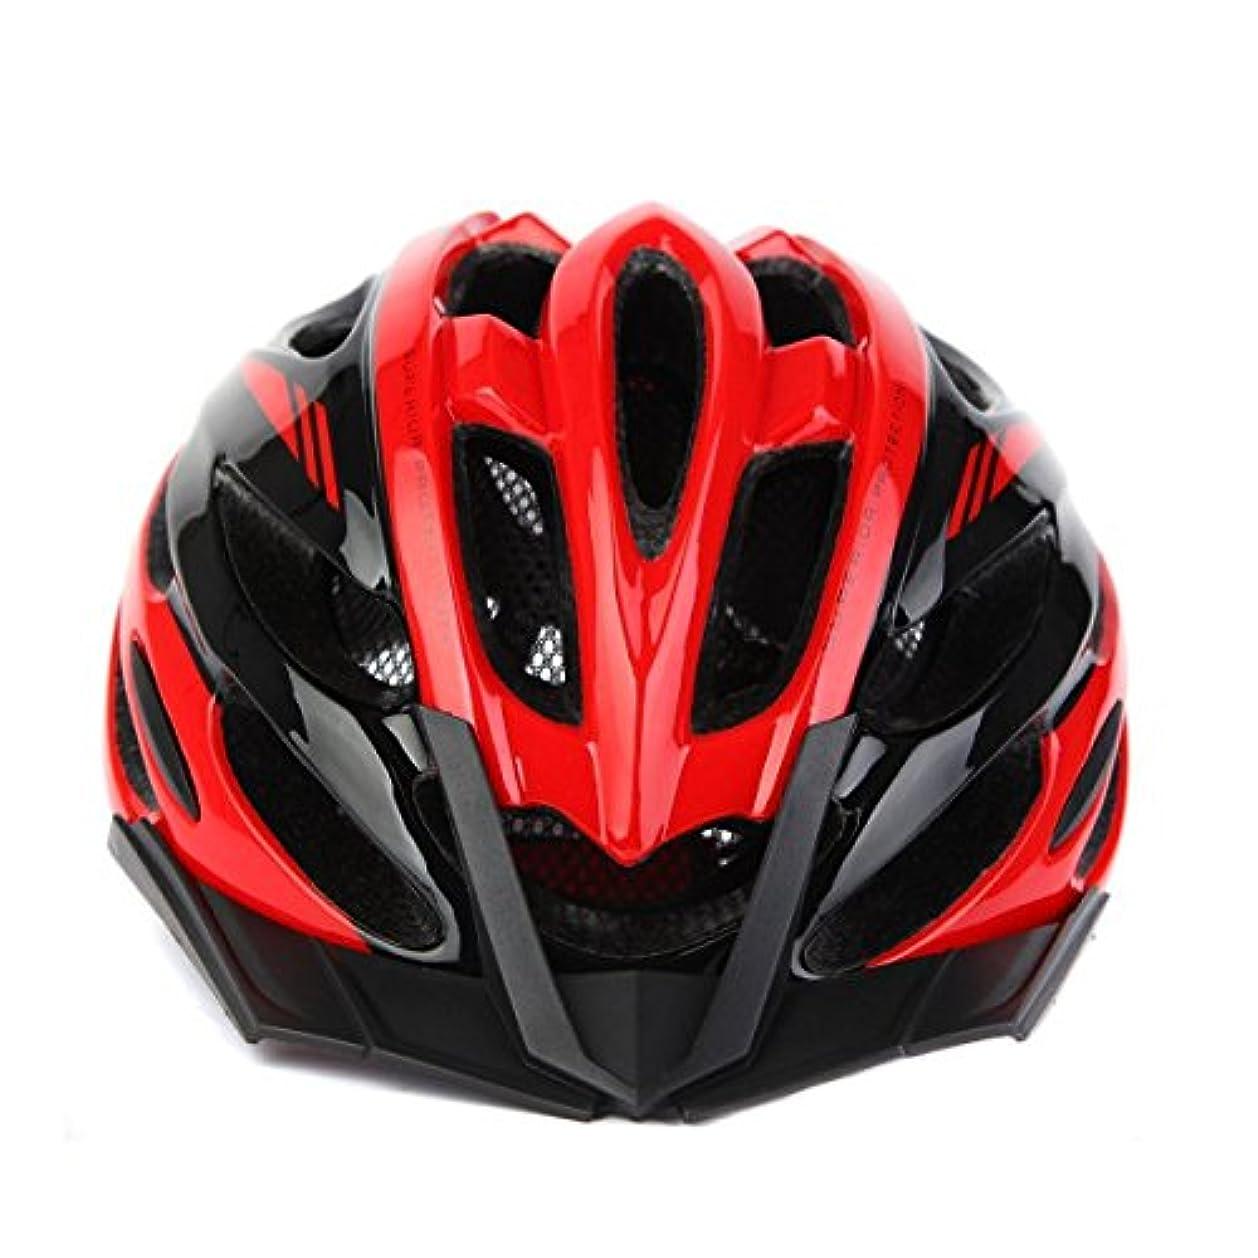 落花生シエスタ影のある自転車 ヘルメット 超軽量 高剛性 サイクリング 大人用 アジャスター サイズ調整可能